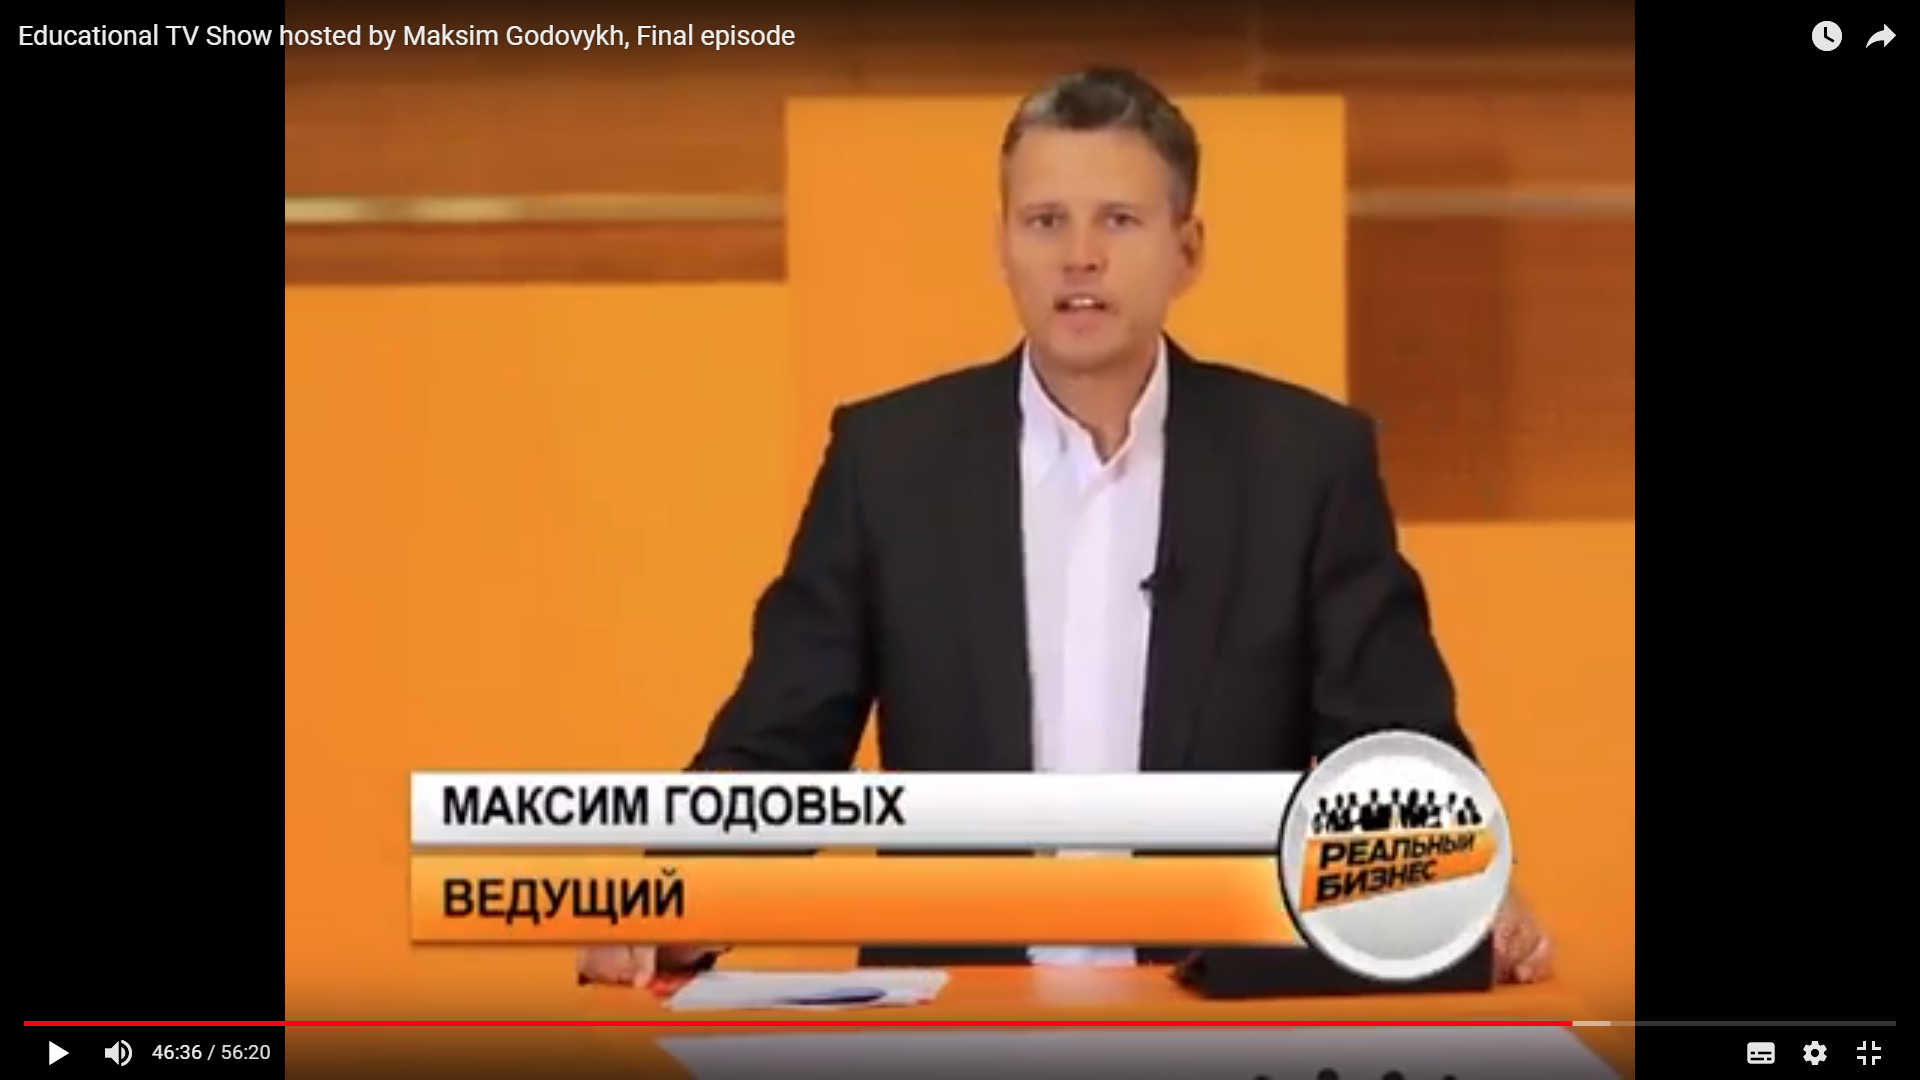 Максим Годовых | Maksim Godovykh